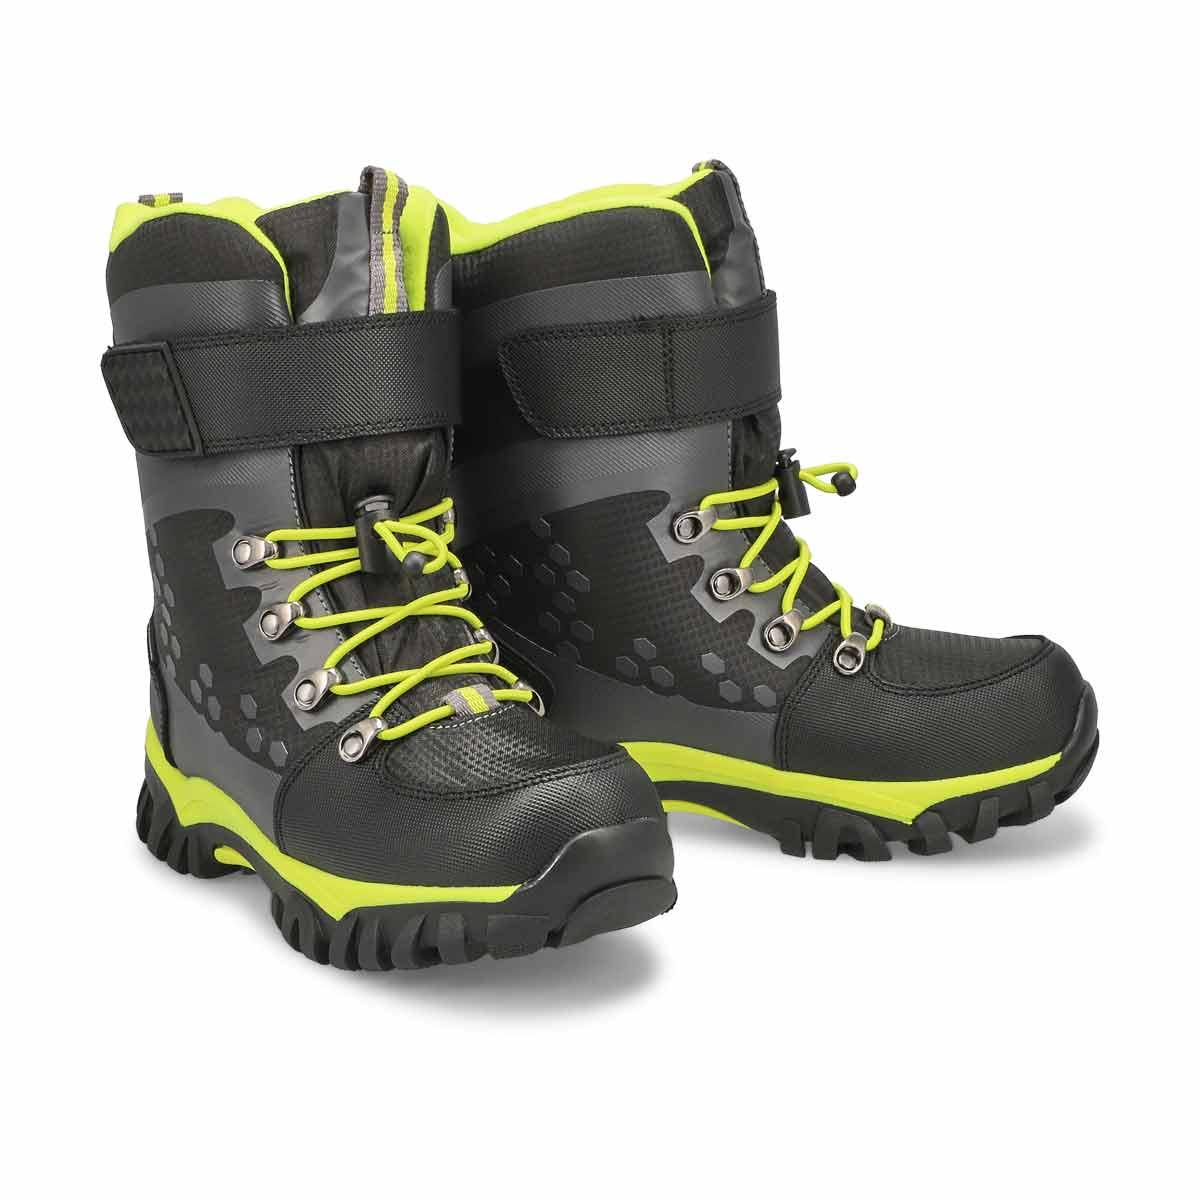 Boys' TURBO 2 black waterproof winter boots